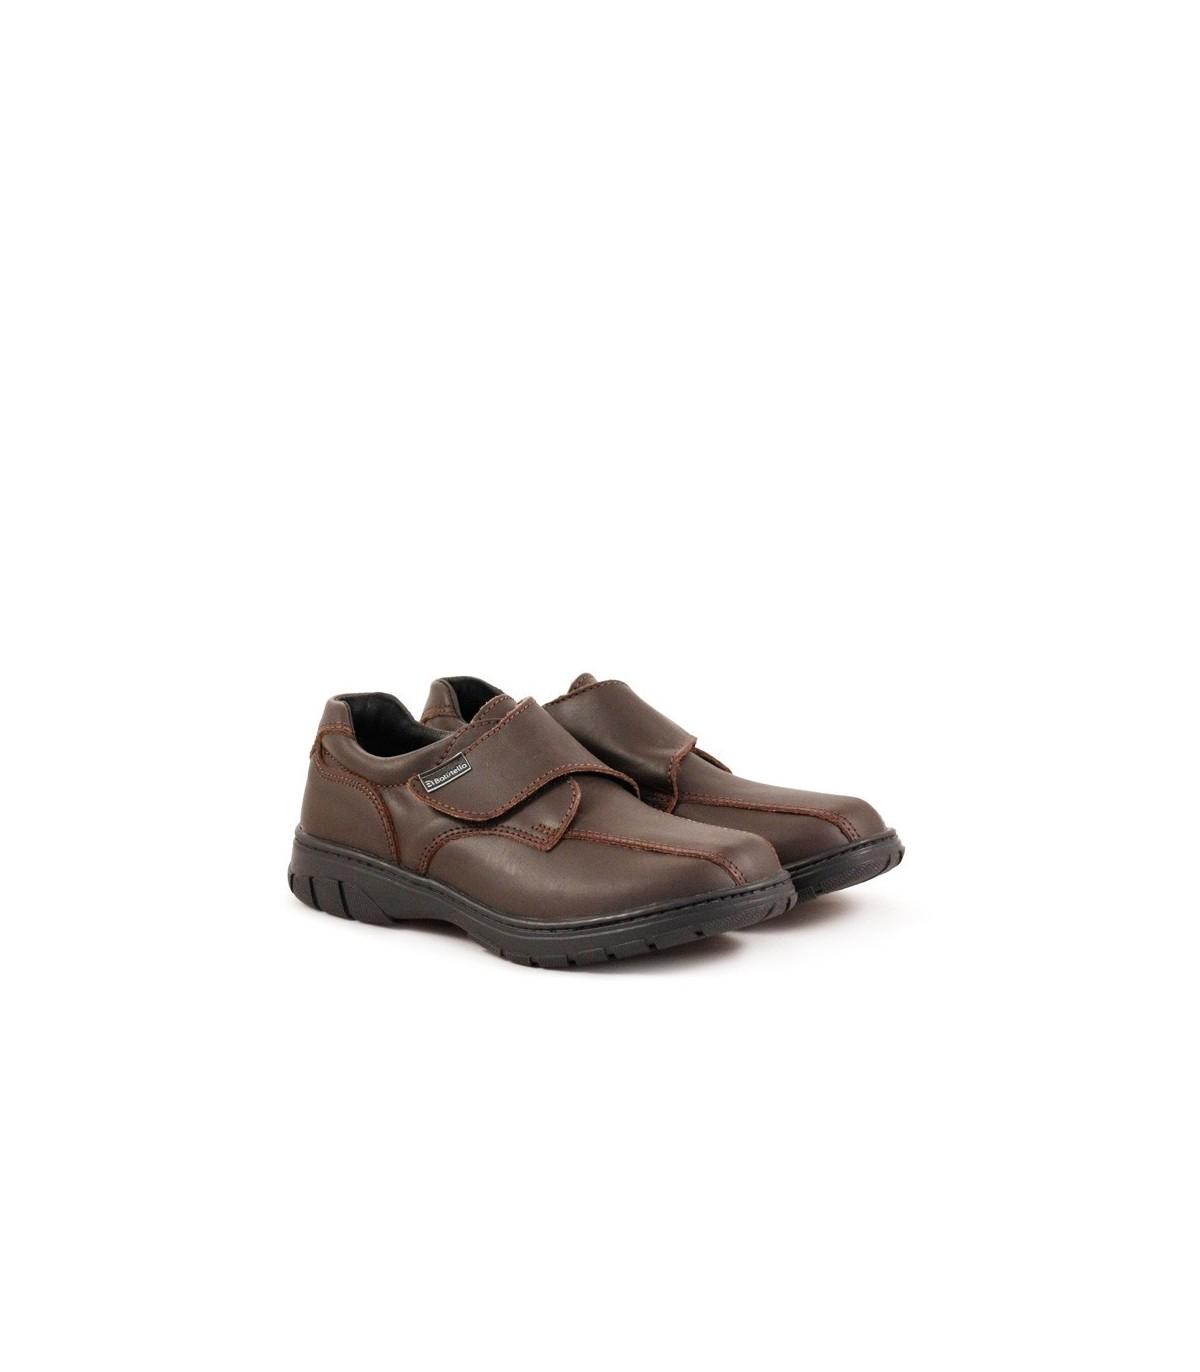 91c95fb49a0 zapatos-colegiales-abotinados-marrones-con-velcro-de-cuero-del-27-al-33.jpg